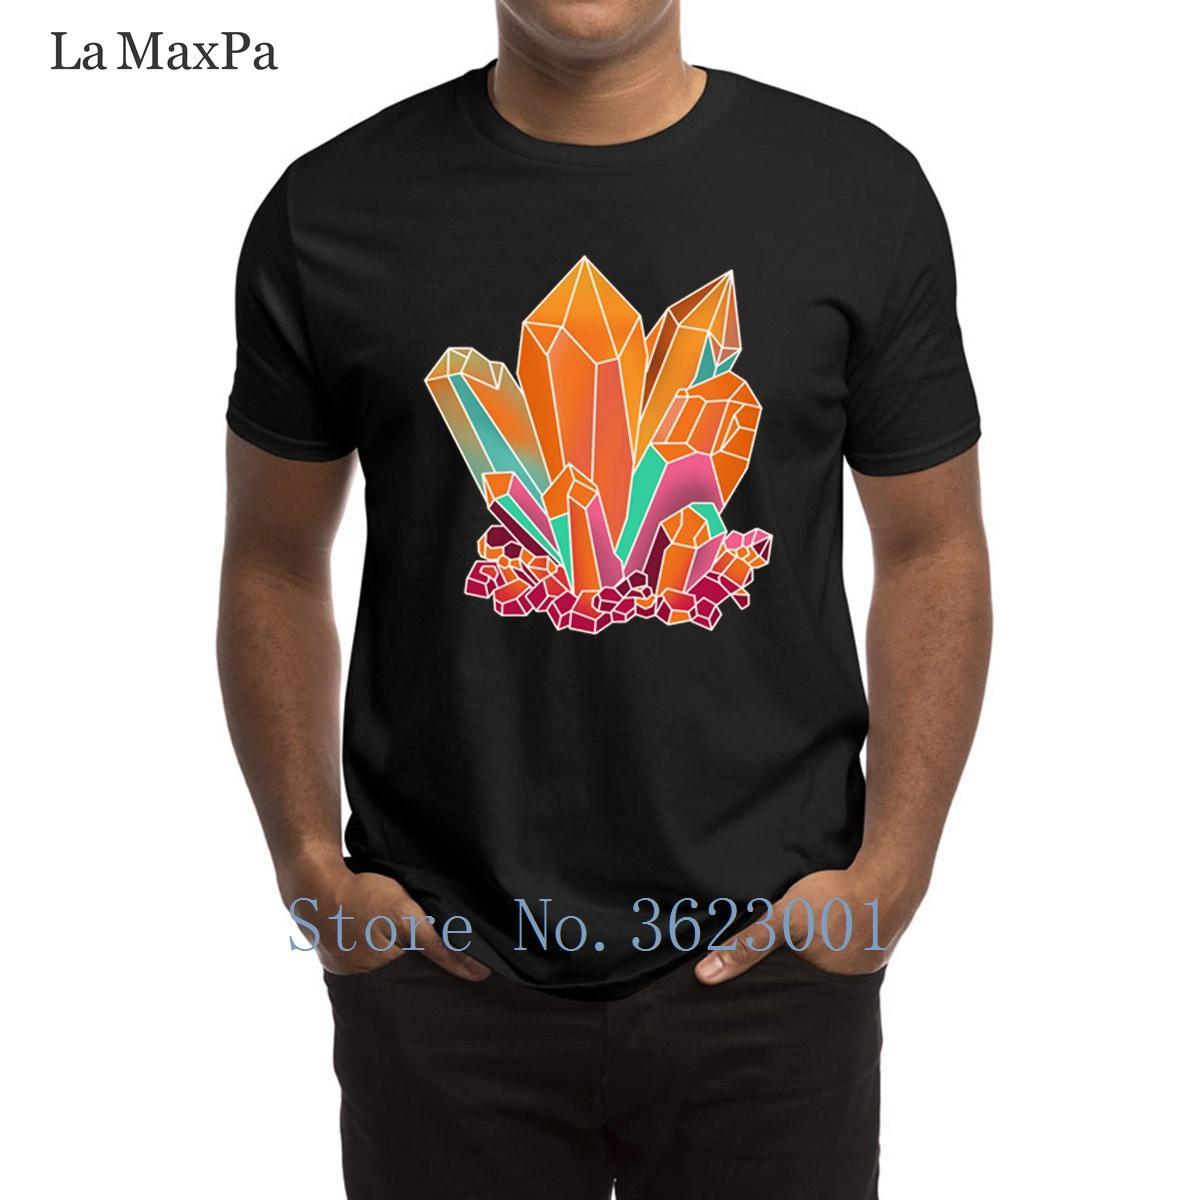 Llegada Color Hombres Hombre Camiseta Para Personalizadas Euro Lema Gemas Sólido Nueva Tamaño Hiphop Cartas ARjLq354